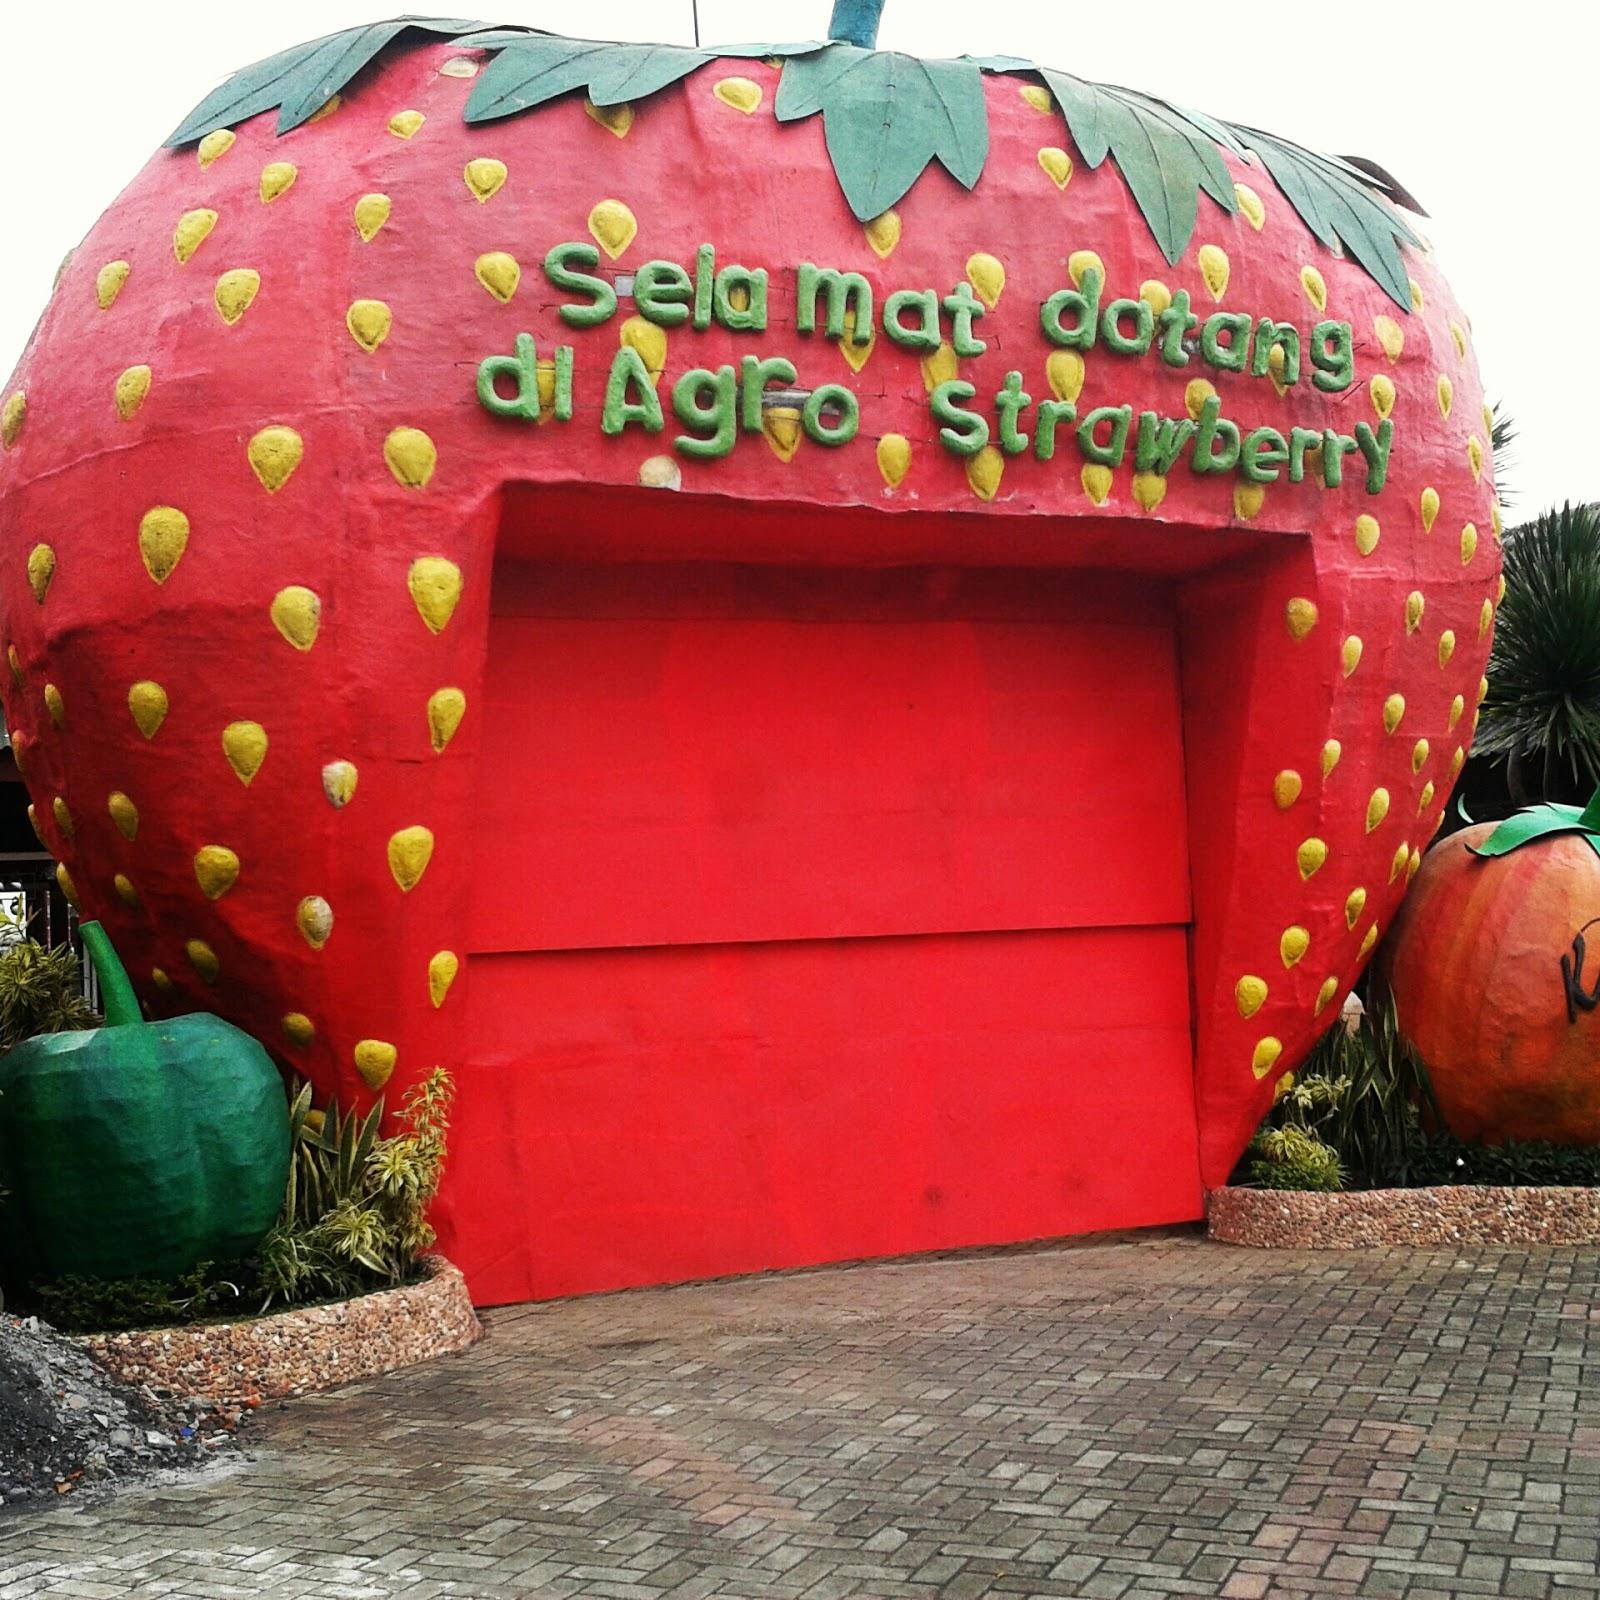 Wisata Kebun Strawberry Malang